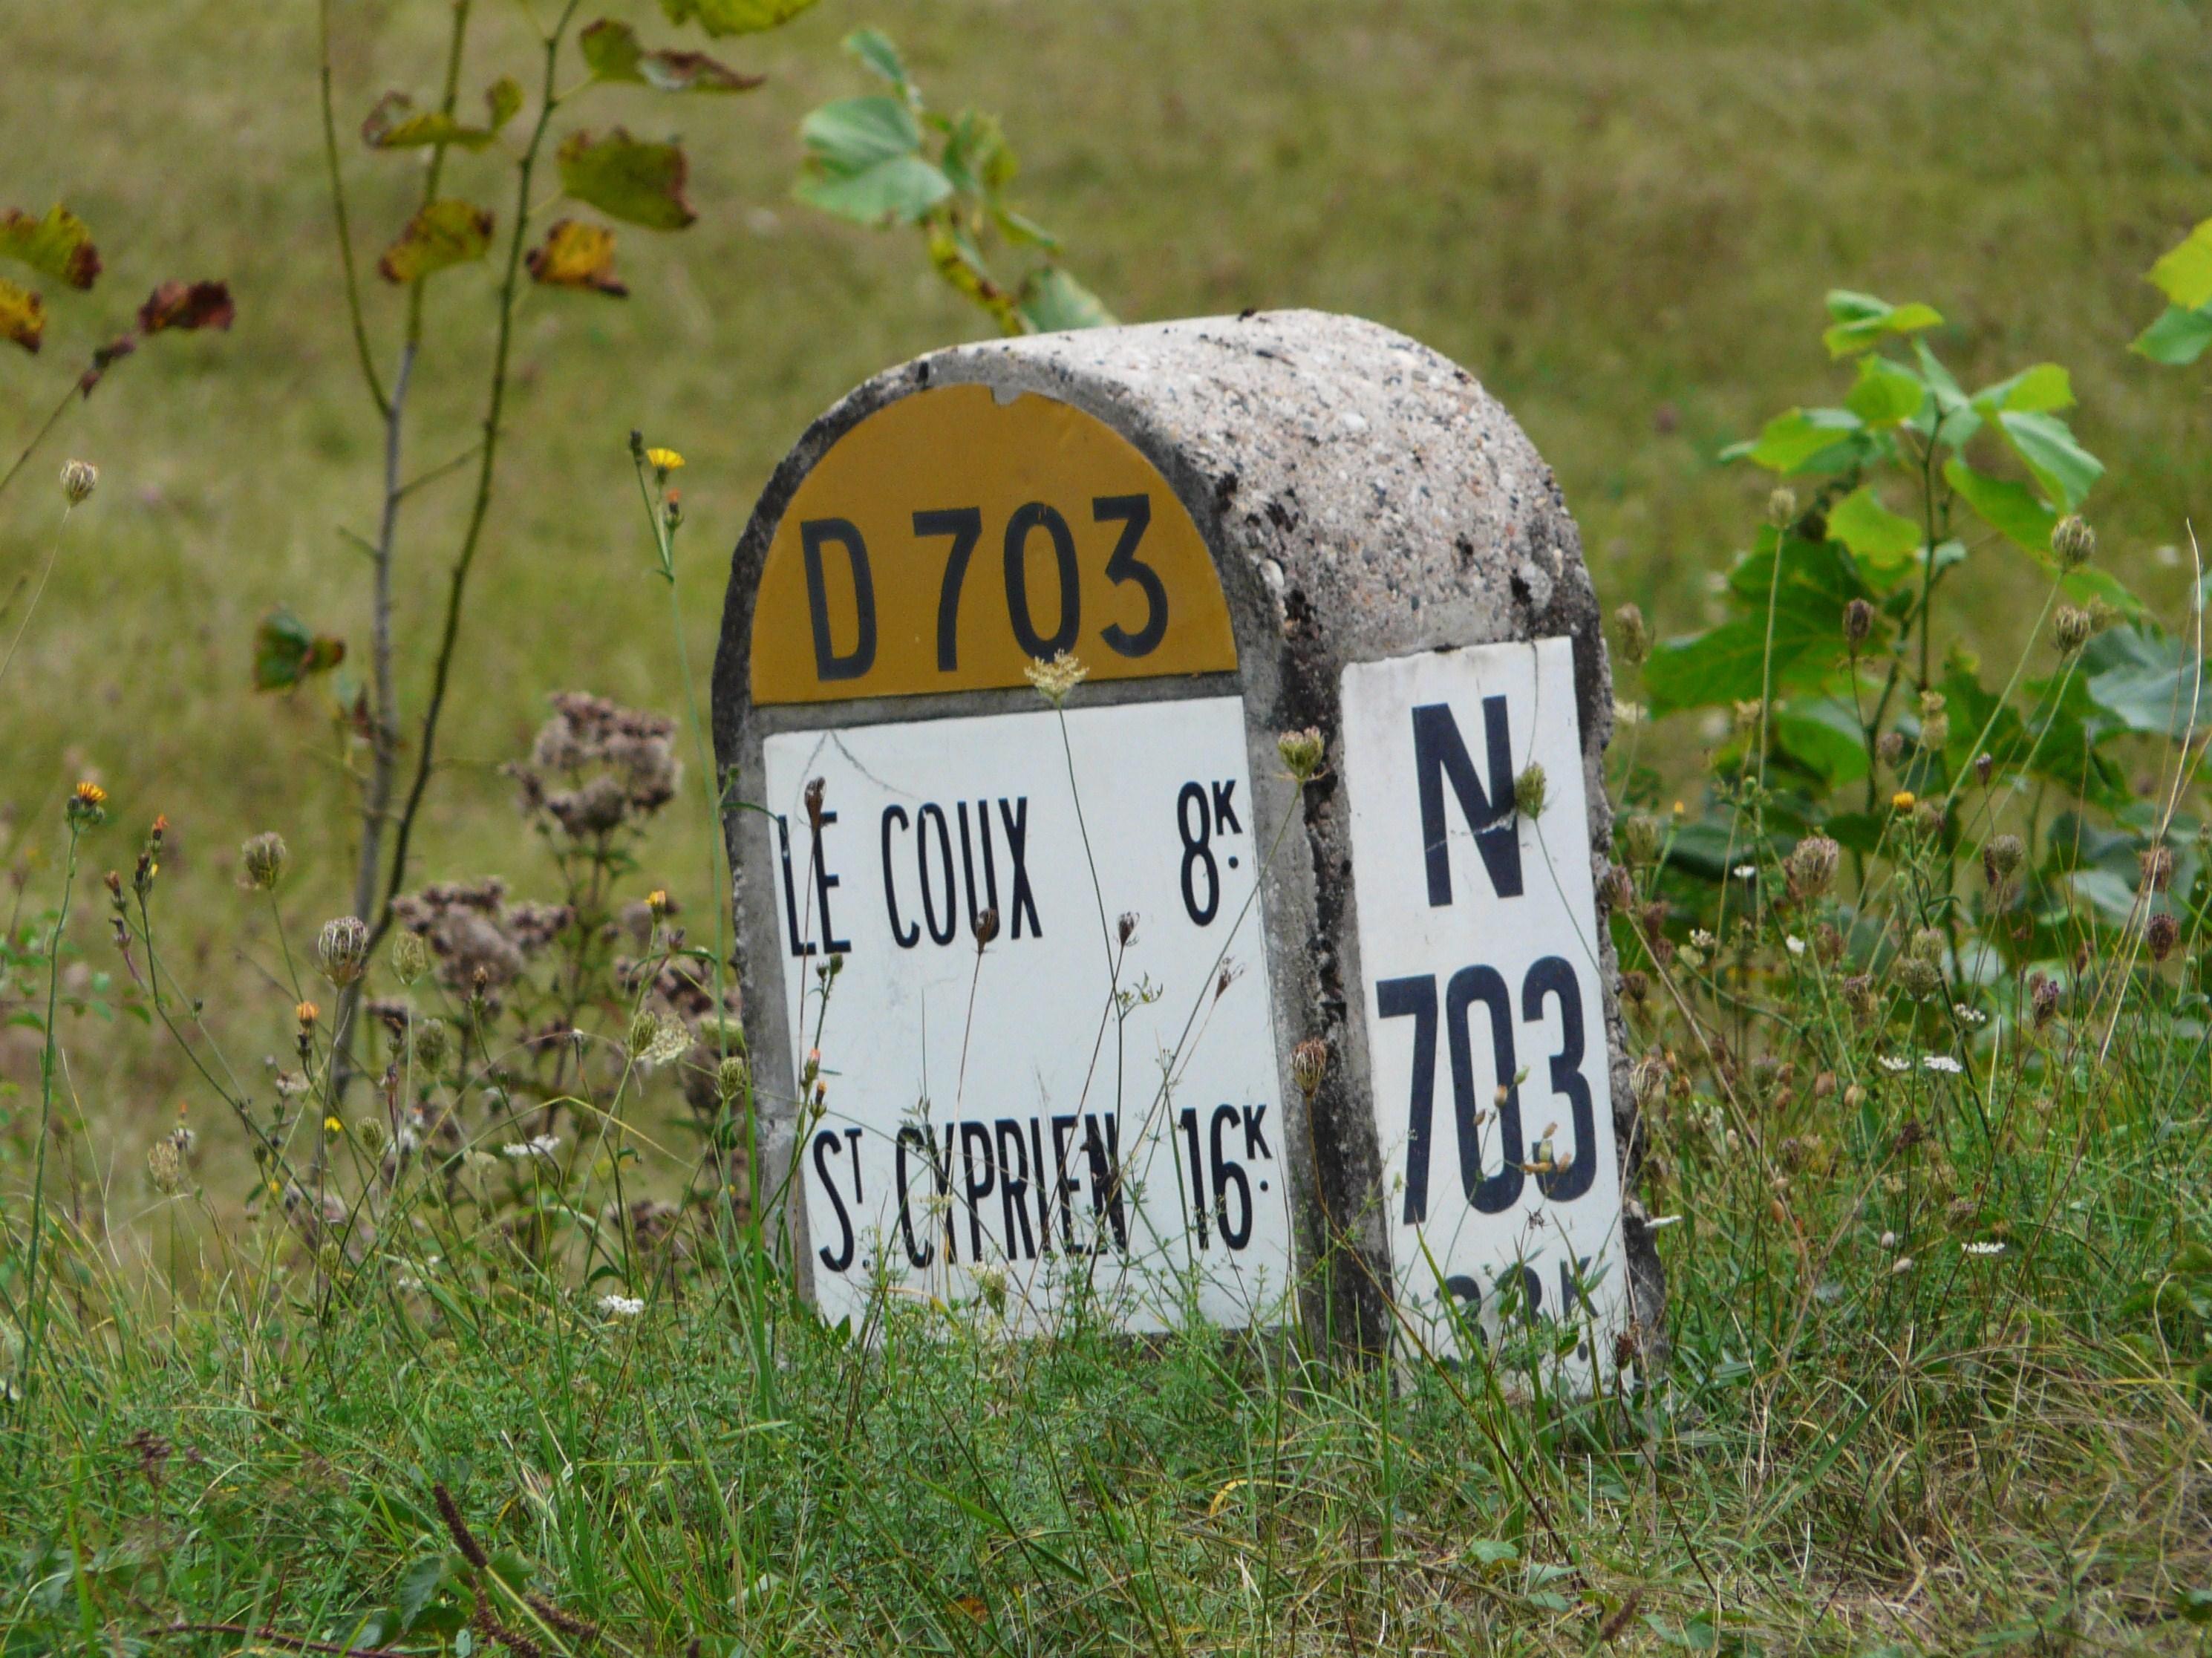 File:Borne RN 703 entre Coux et Bugue.jpg